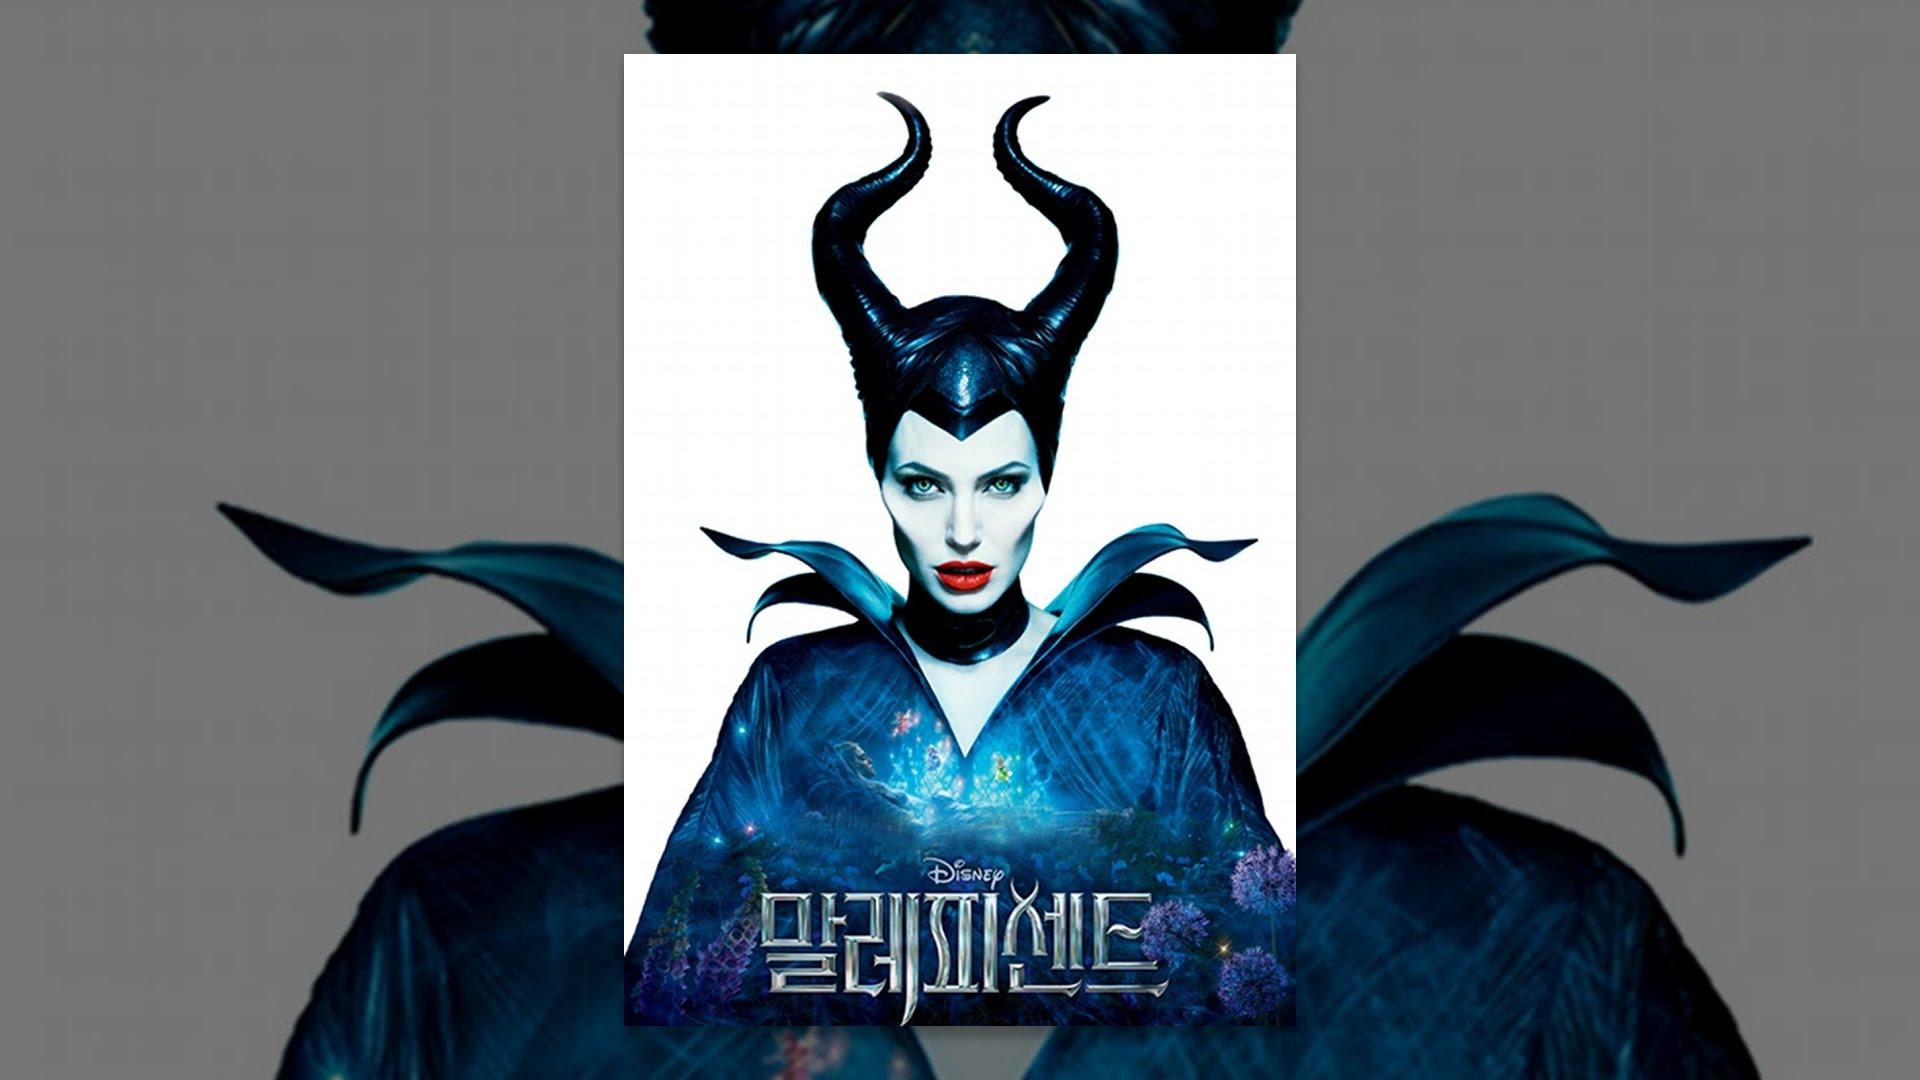 디즈니 영화 말레피센트 Maleficent 2014 줄거리 및 결말